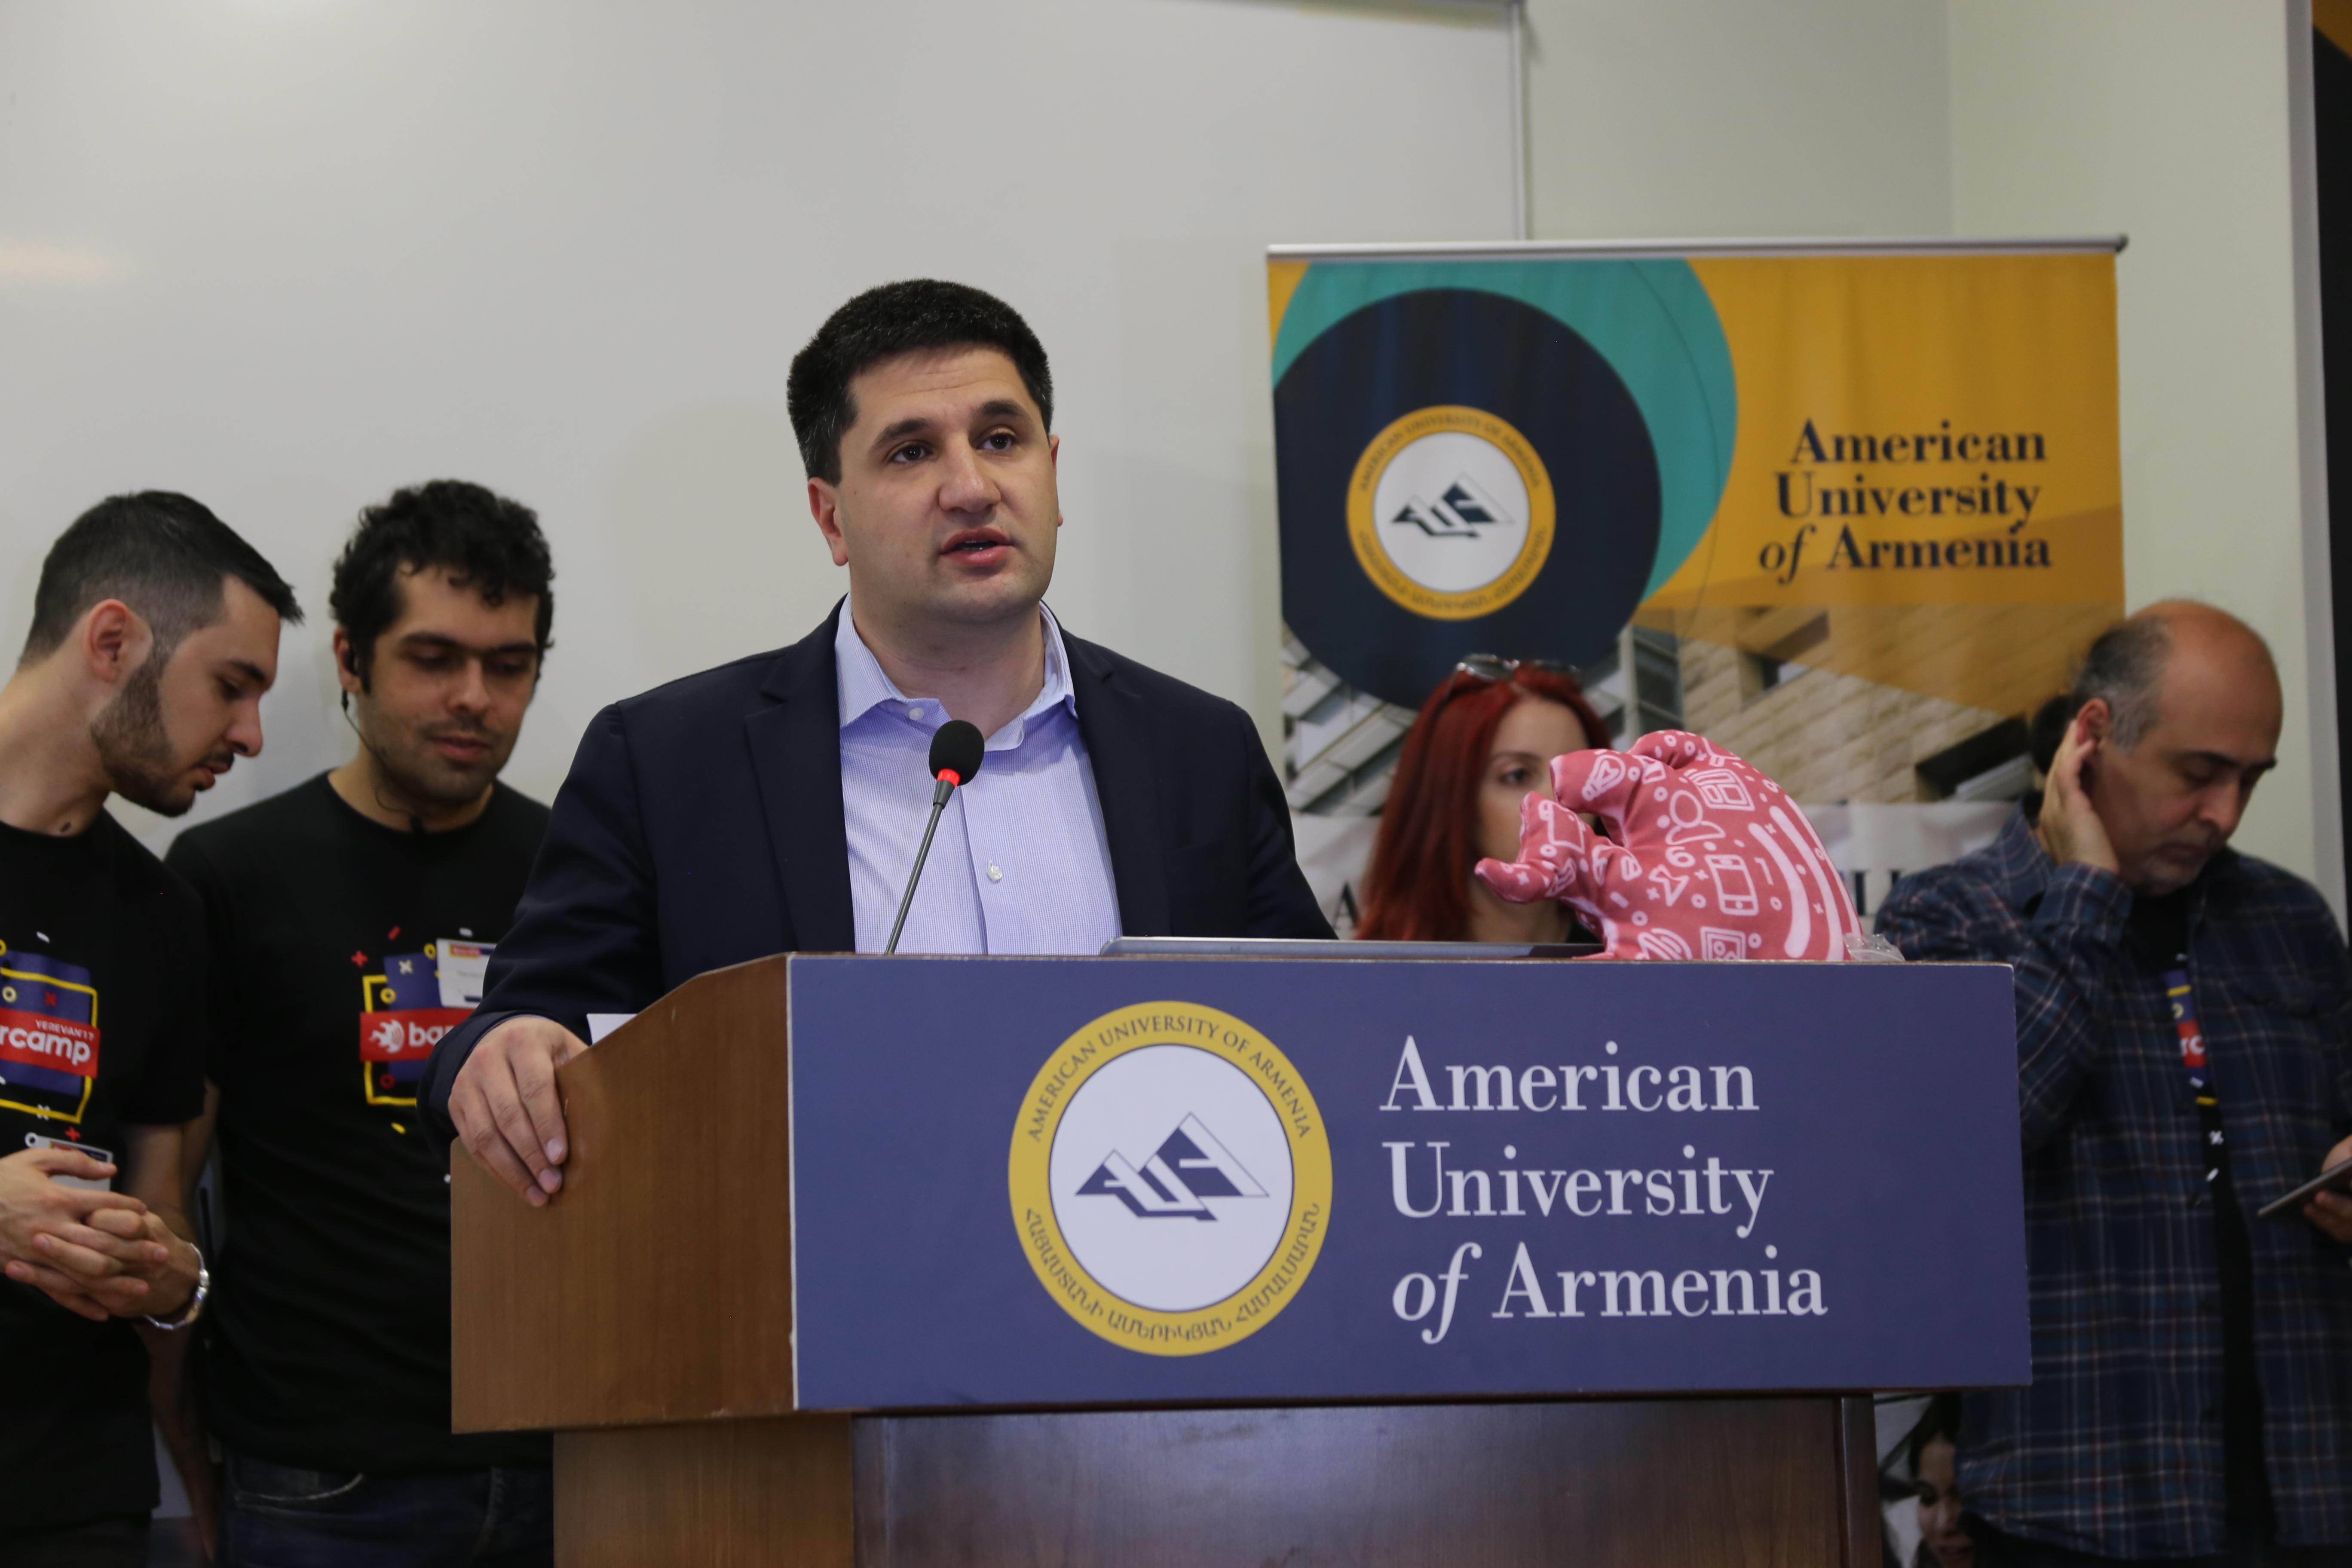 Մեկնարկում է Barcamp Yerevan 2017 չԿոնֆերանսը